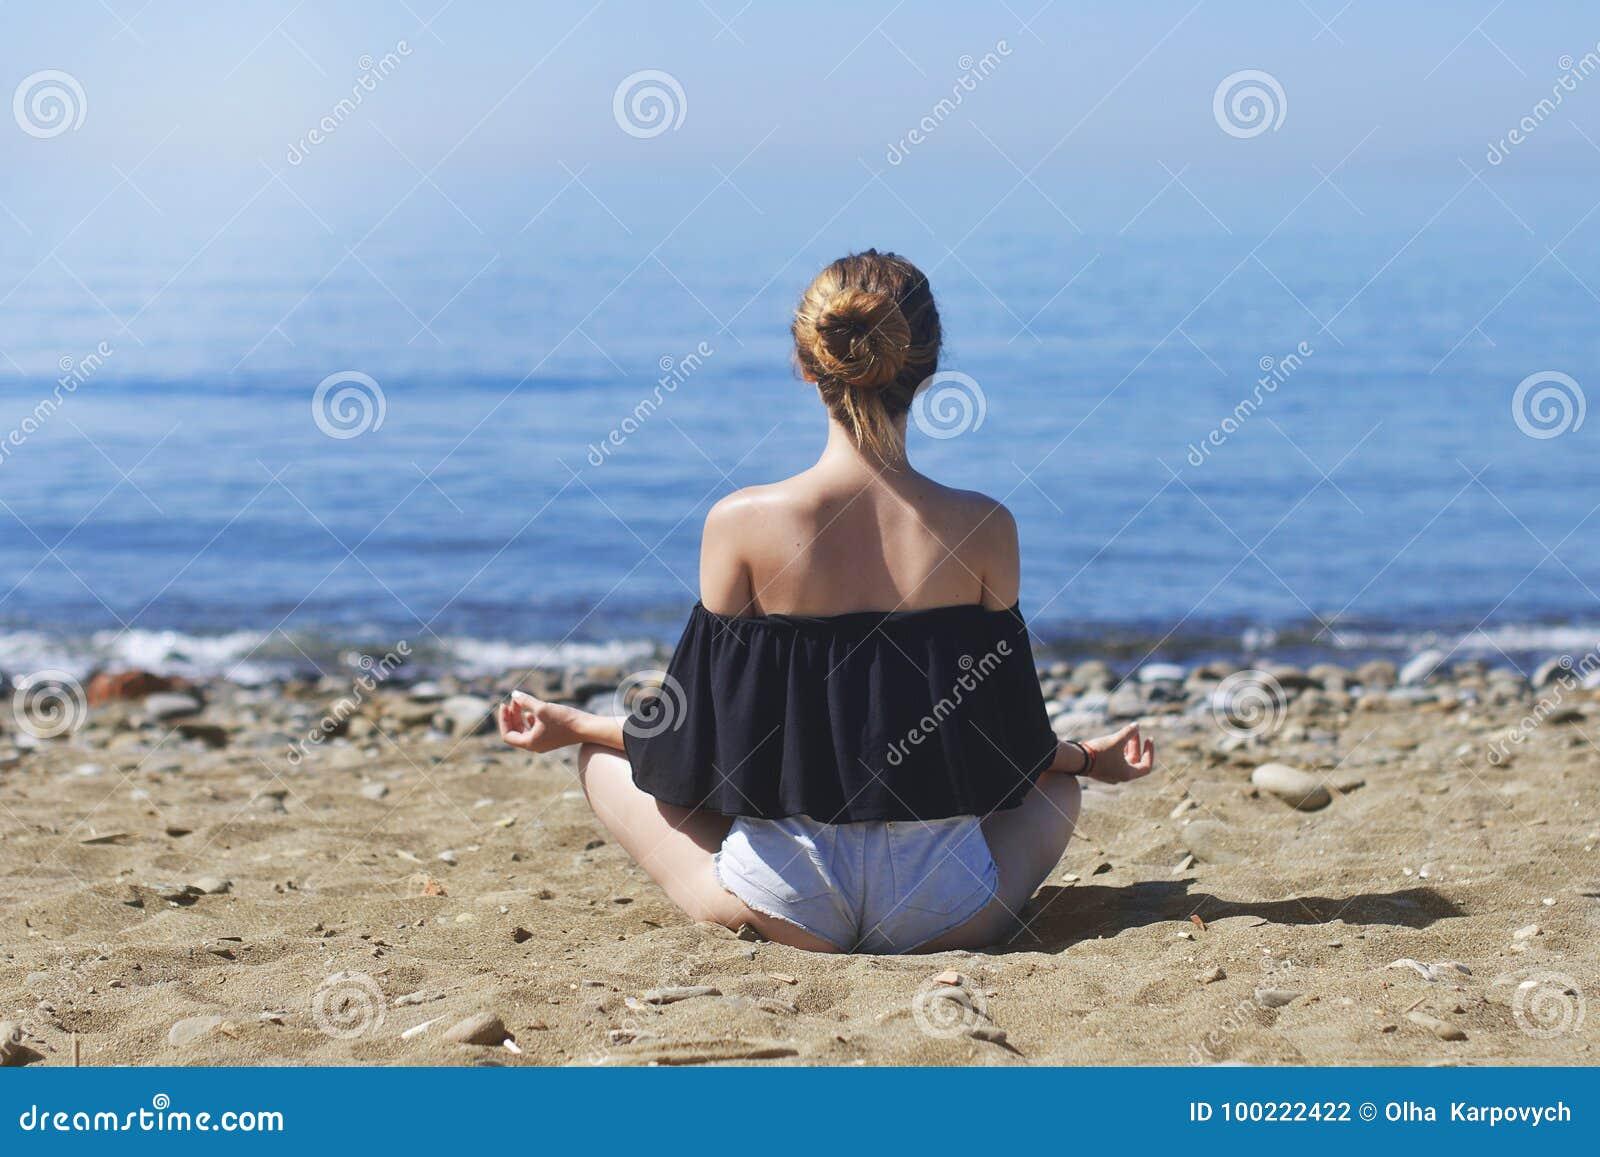 Молодая женщина делает раздумье в представлении лотоса на море/пляже, сработанности и созерцании океана Йога красивой девушки пра